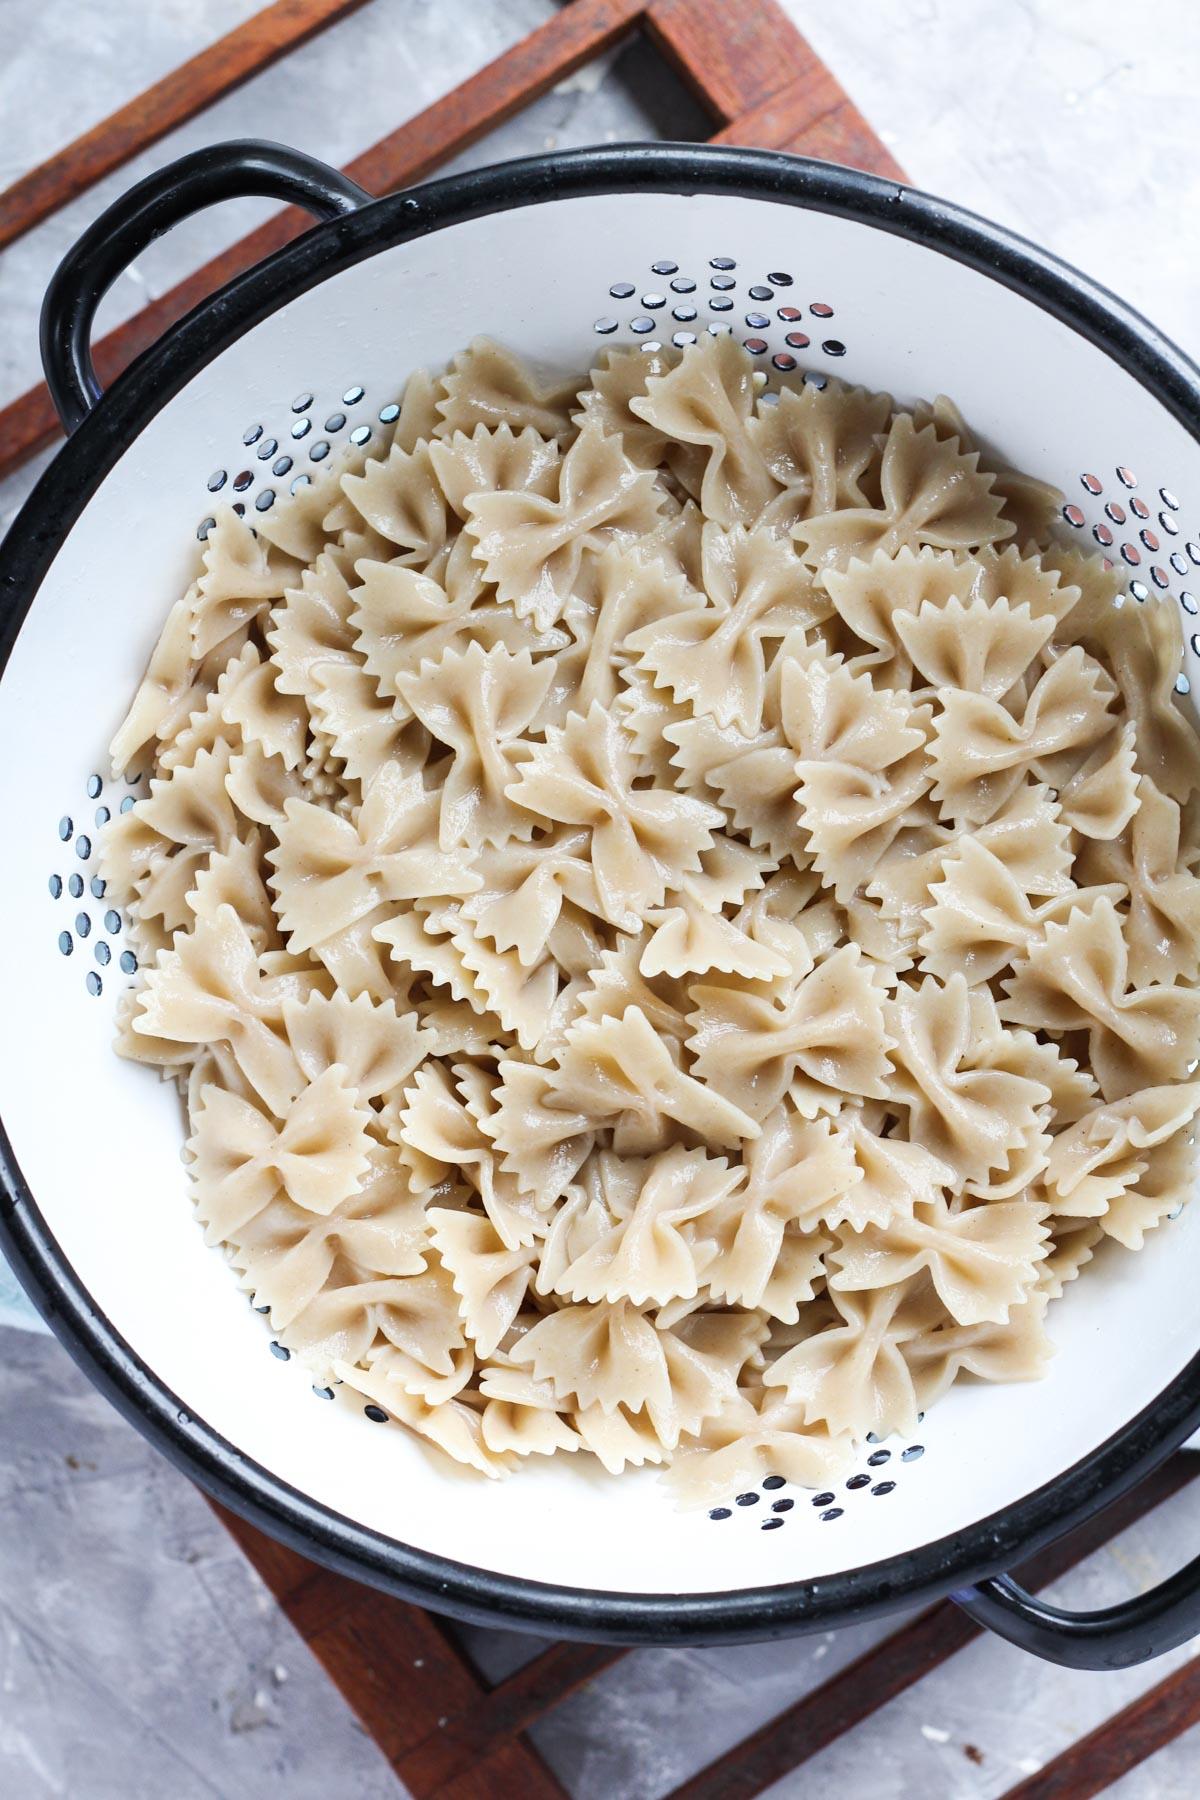 Boiled pasta in strainer.